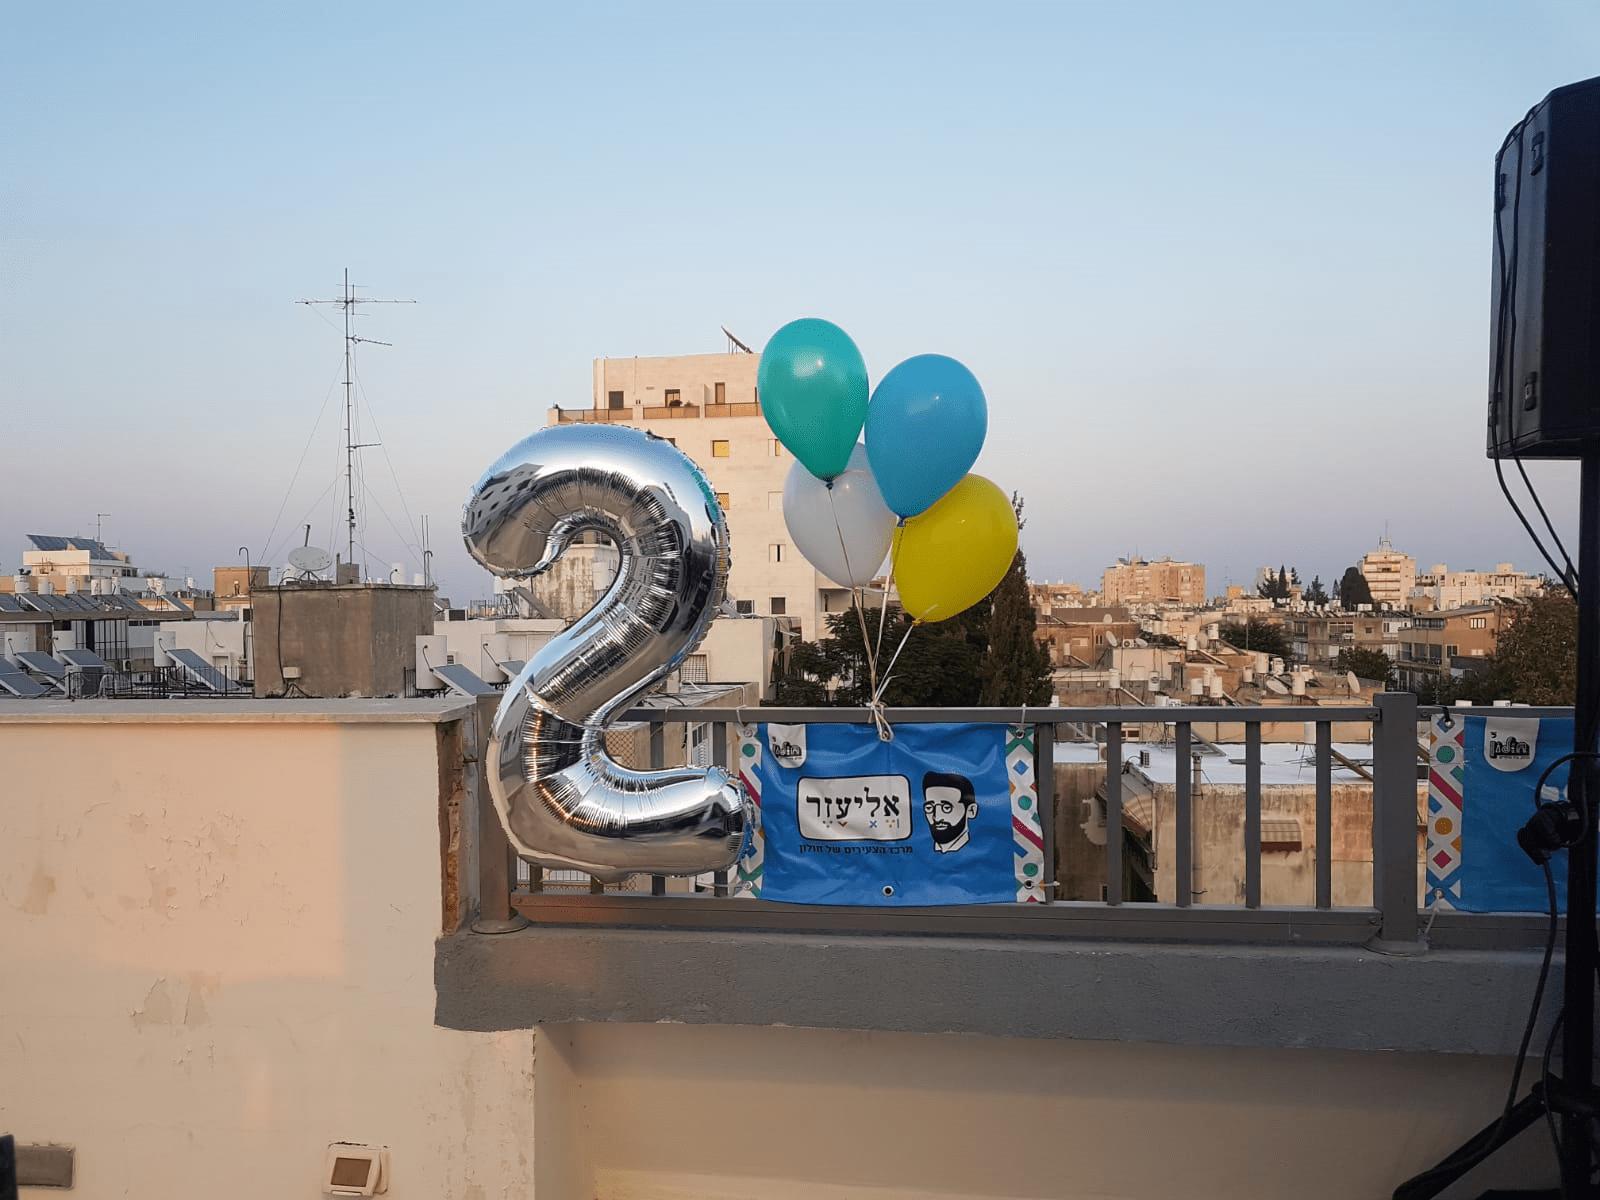 אליעזר-מרכז הצעירים של חולון חוגג שנתיים, צילום-עיריית חולון